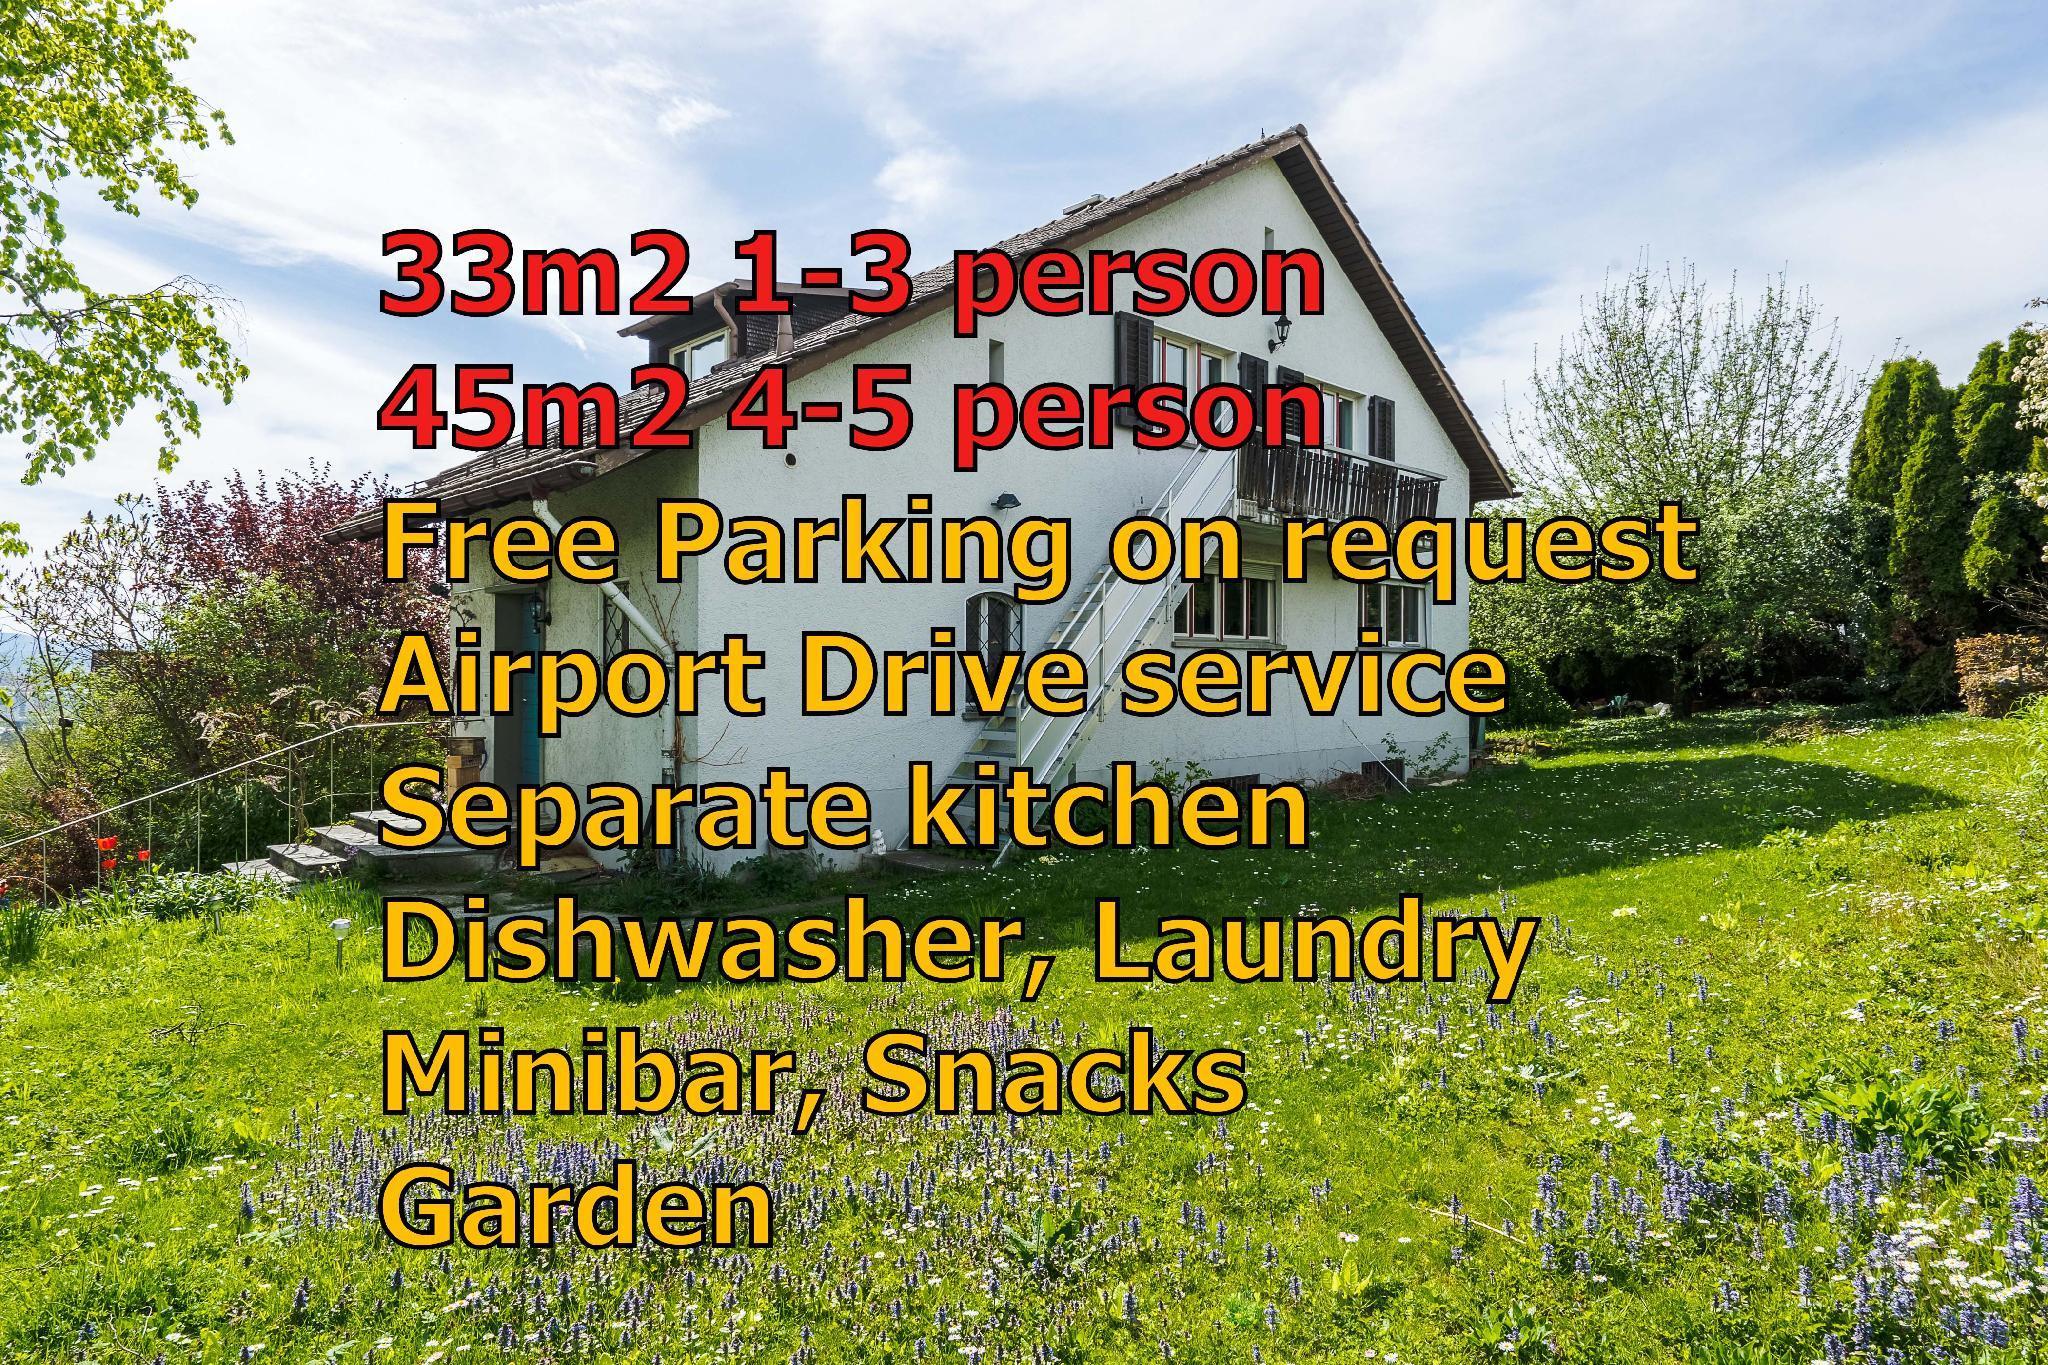 Zurich Airport Apartment Loft 45m2, free parking